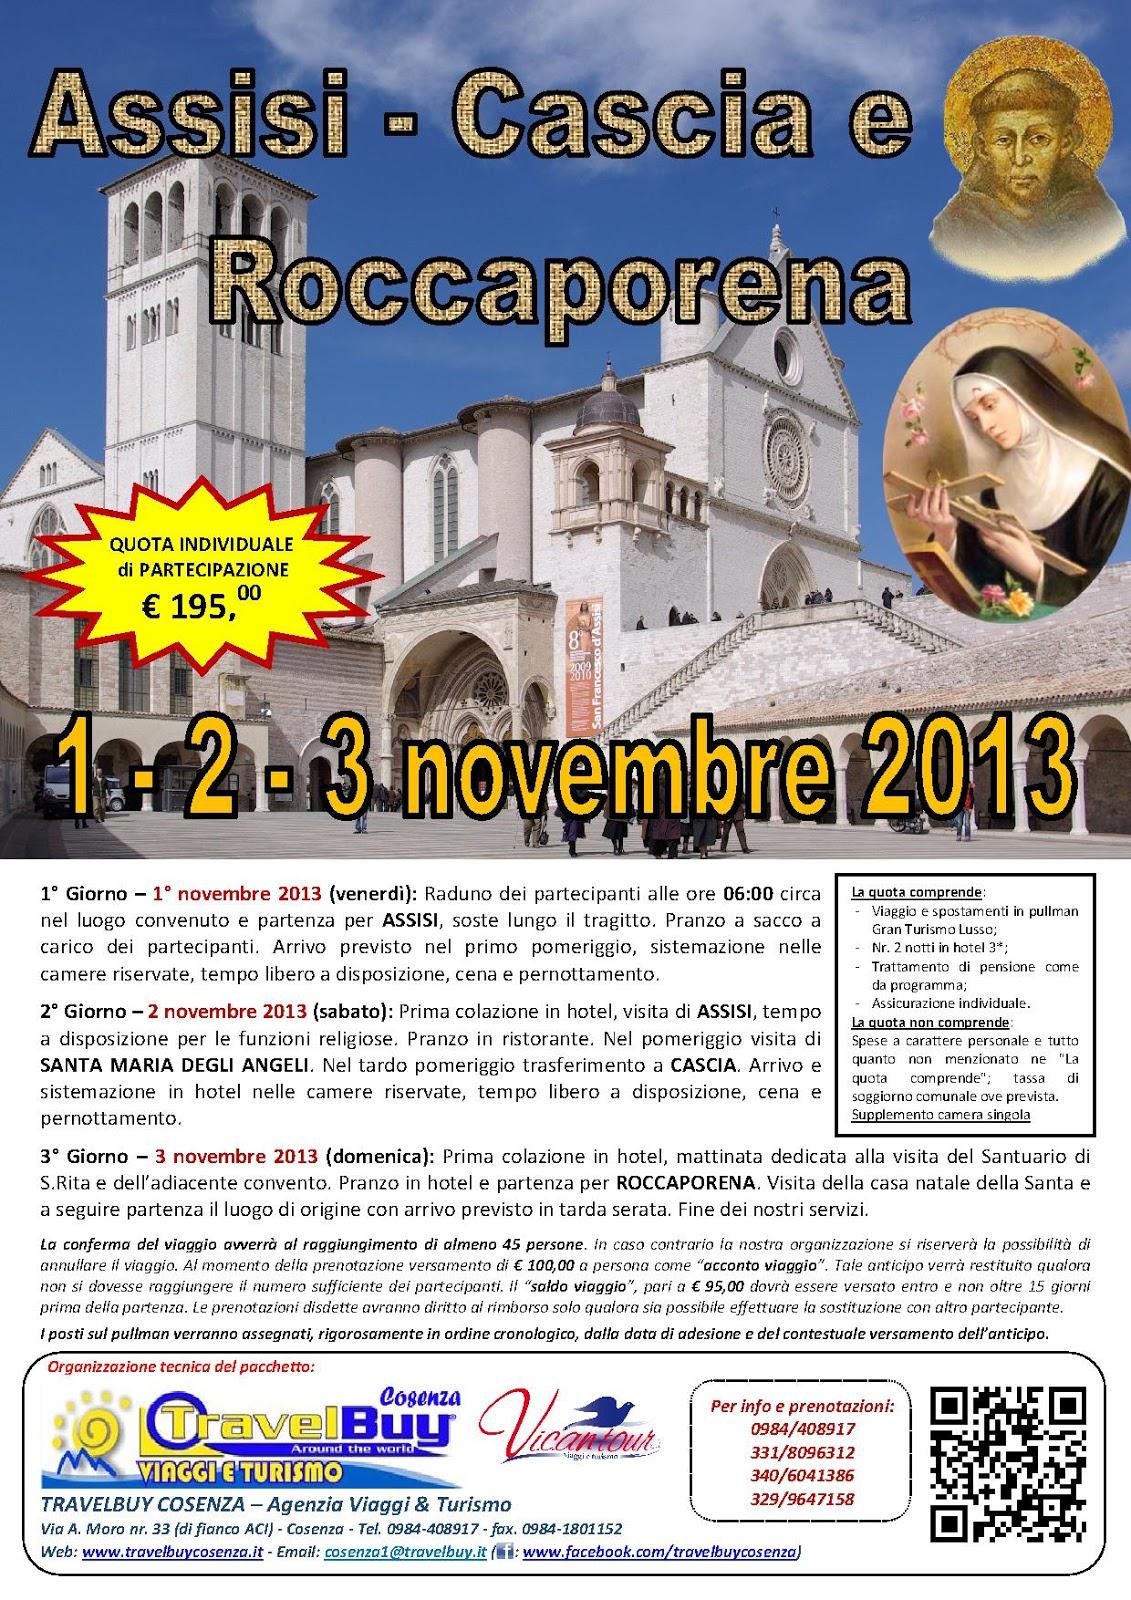 ... ad Assisi - Cascia e Roccaporena da Cosenza con partenza il 1 novembre